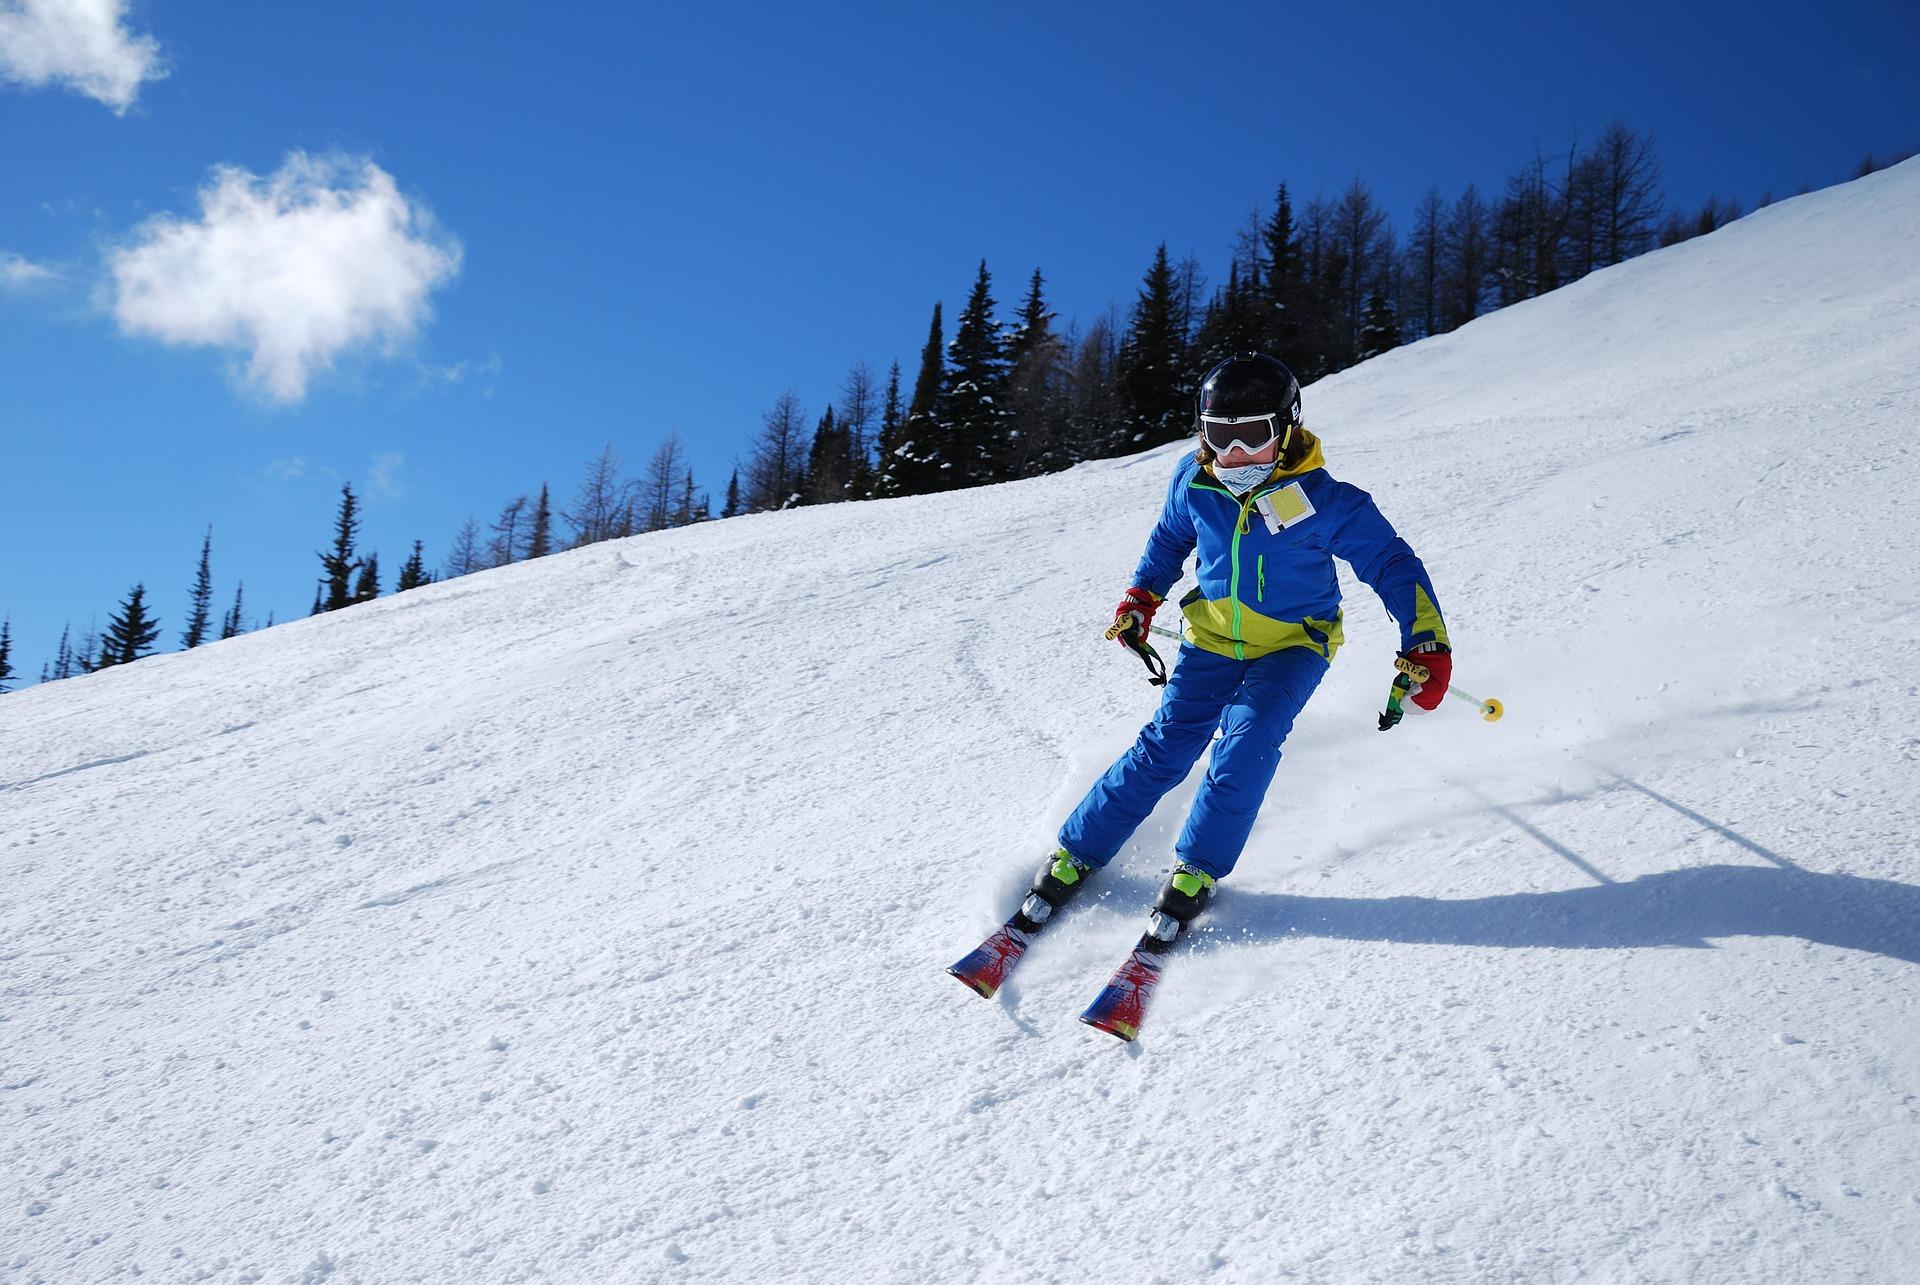 Wyjazdy narciarskie dla dzieci i dorosłych - zdrowe hobby na zimę